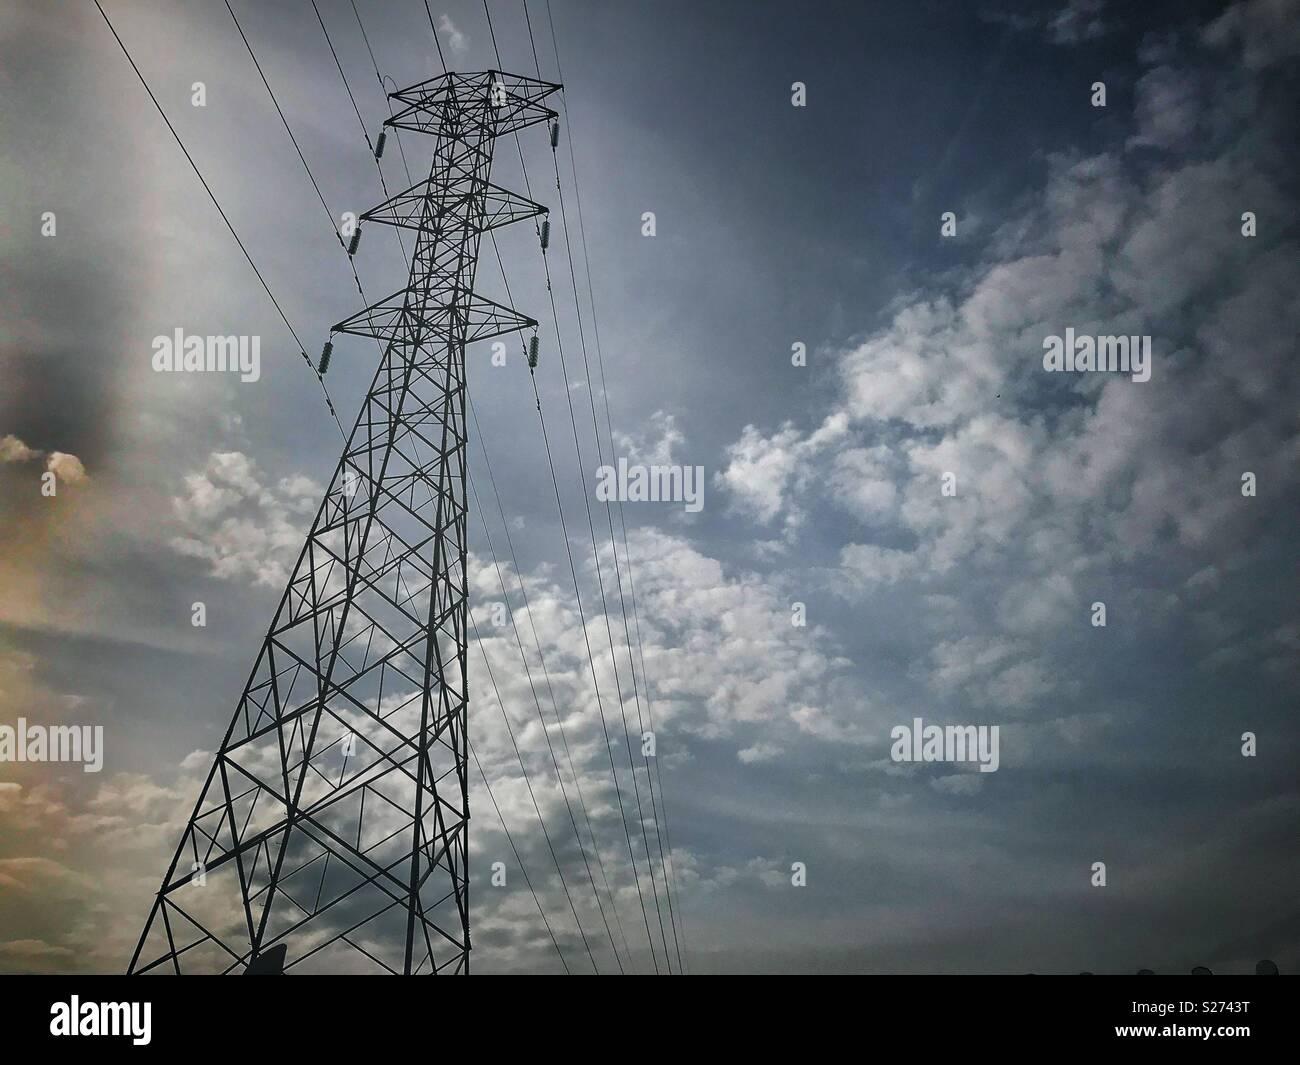 Torre de Electricidad en zona urbana y de fondo cielo nublado con contraste Immagini Stock